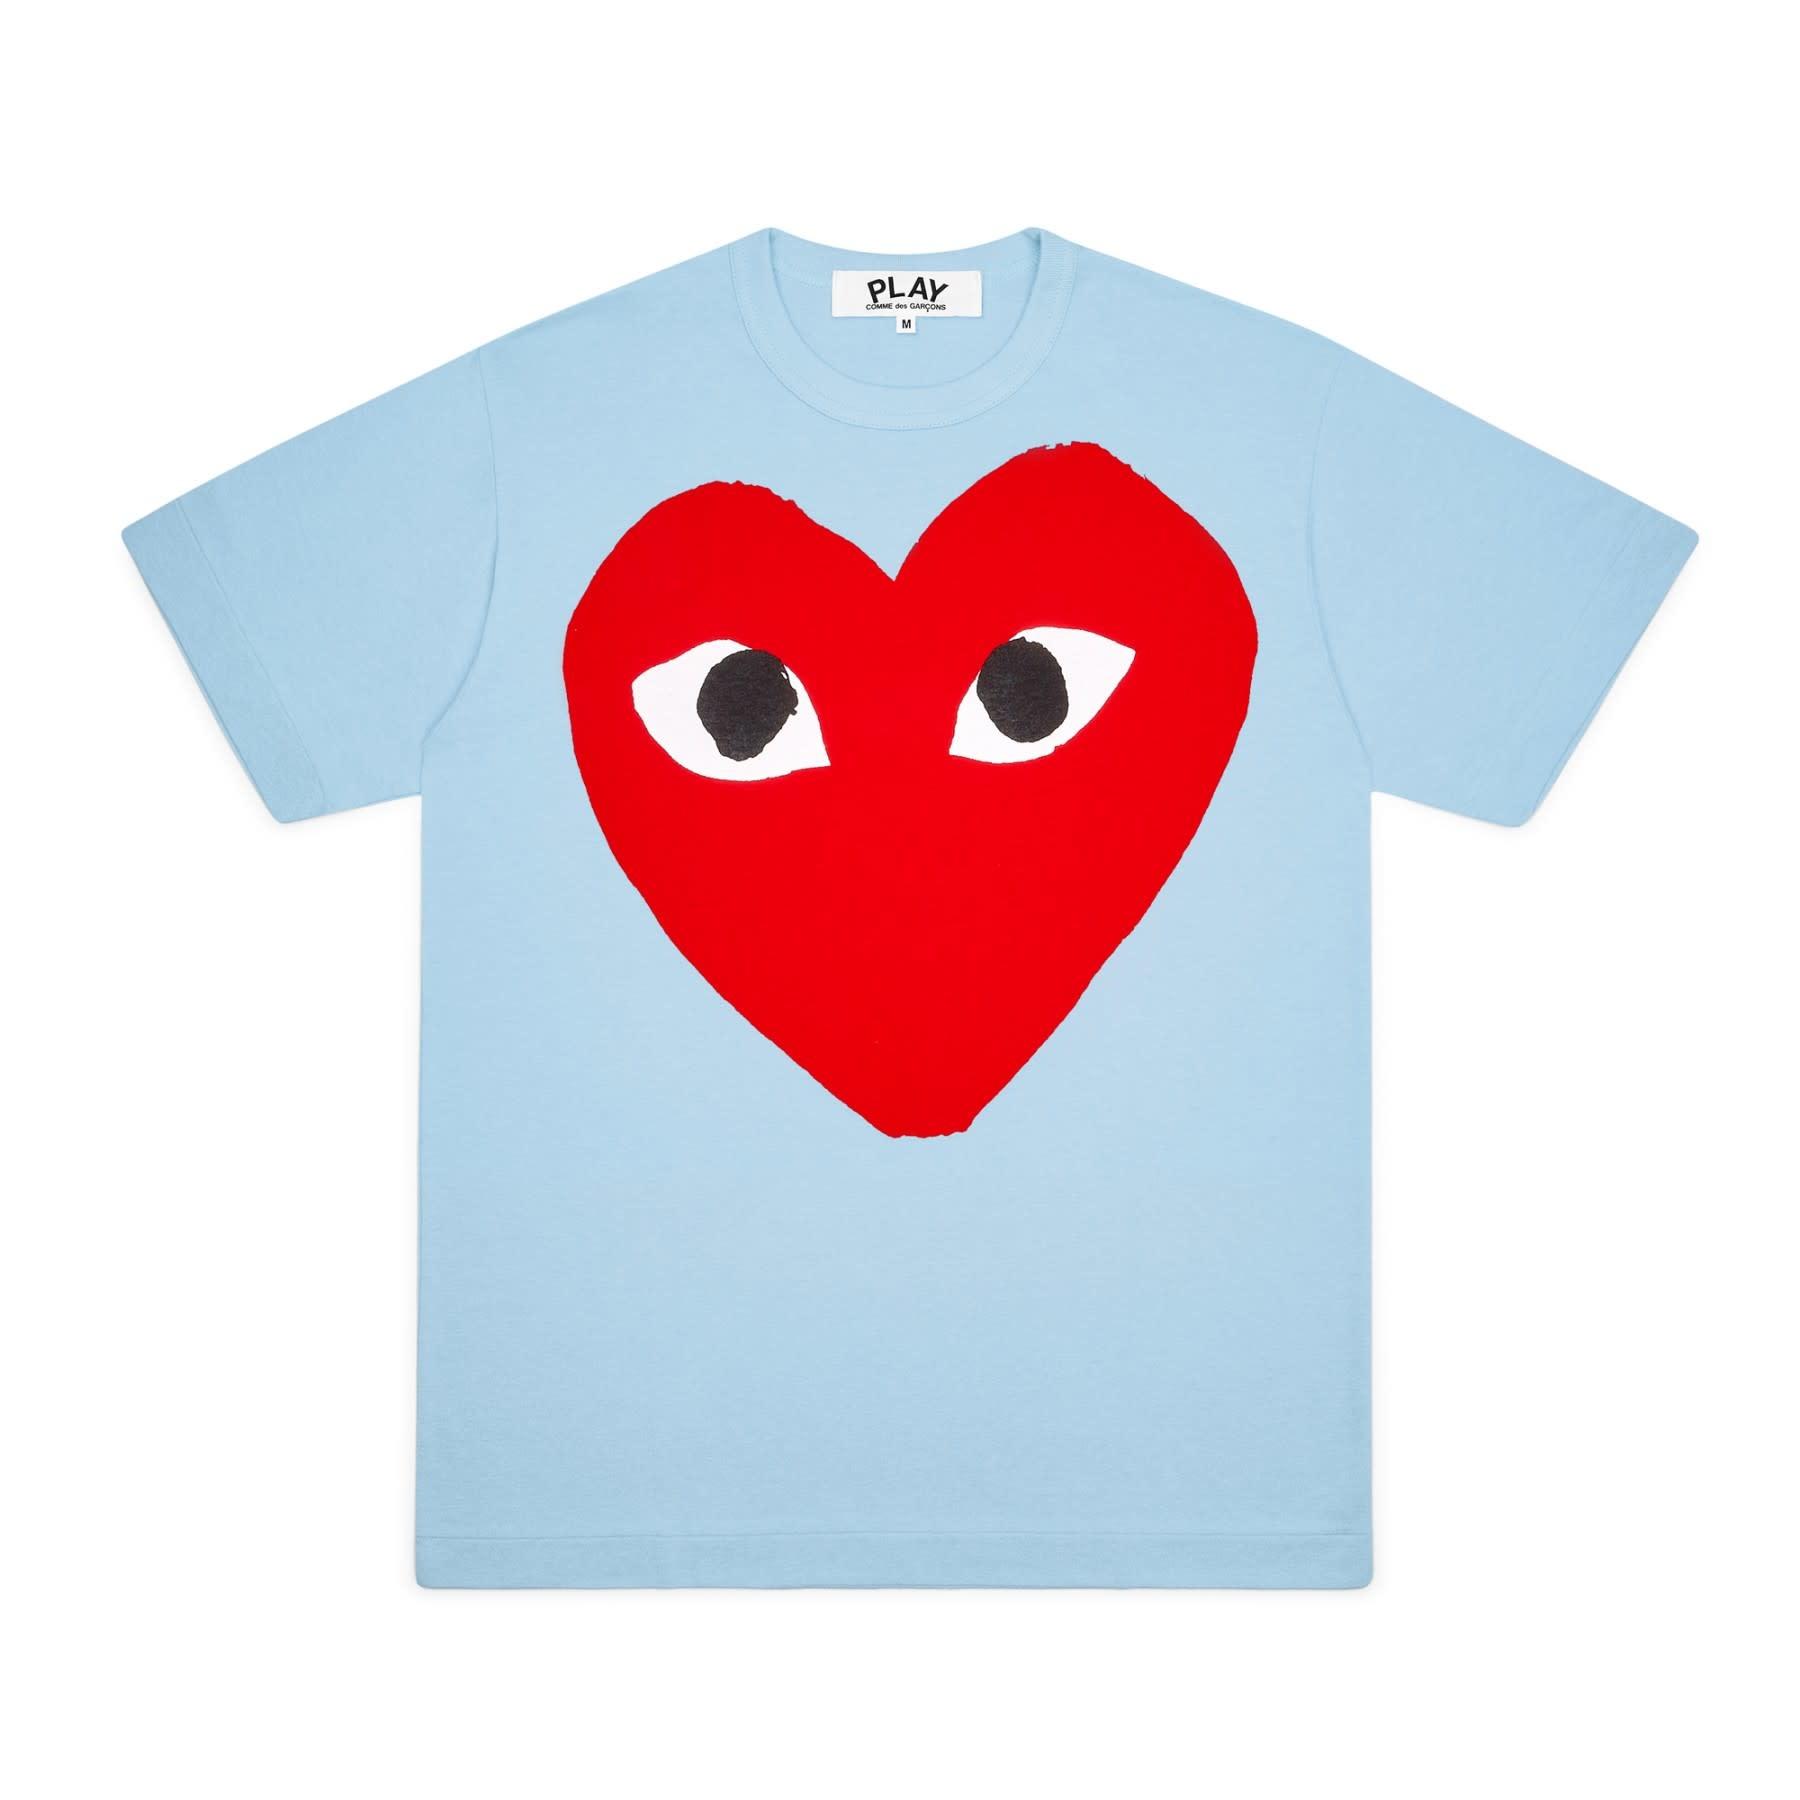 COMME des GARÇONS PLAY Big Red Heart T-shirt in Blue